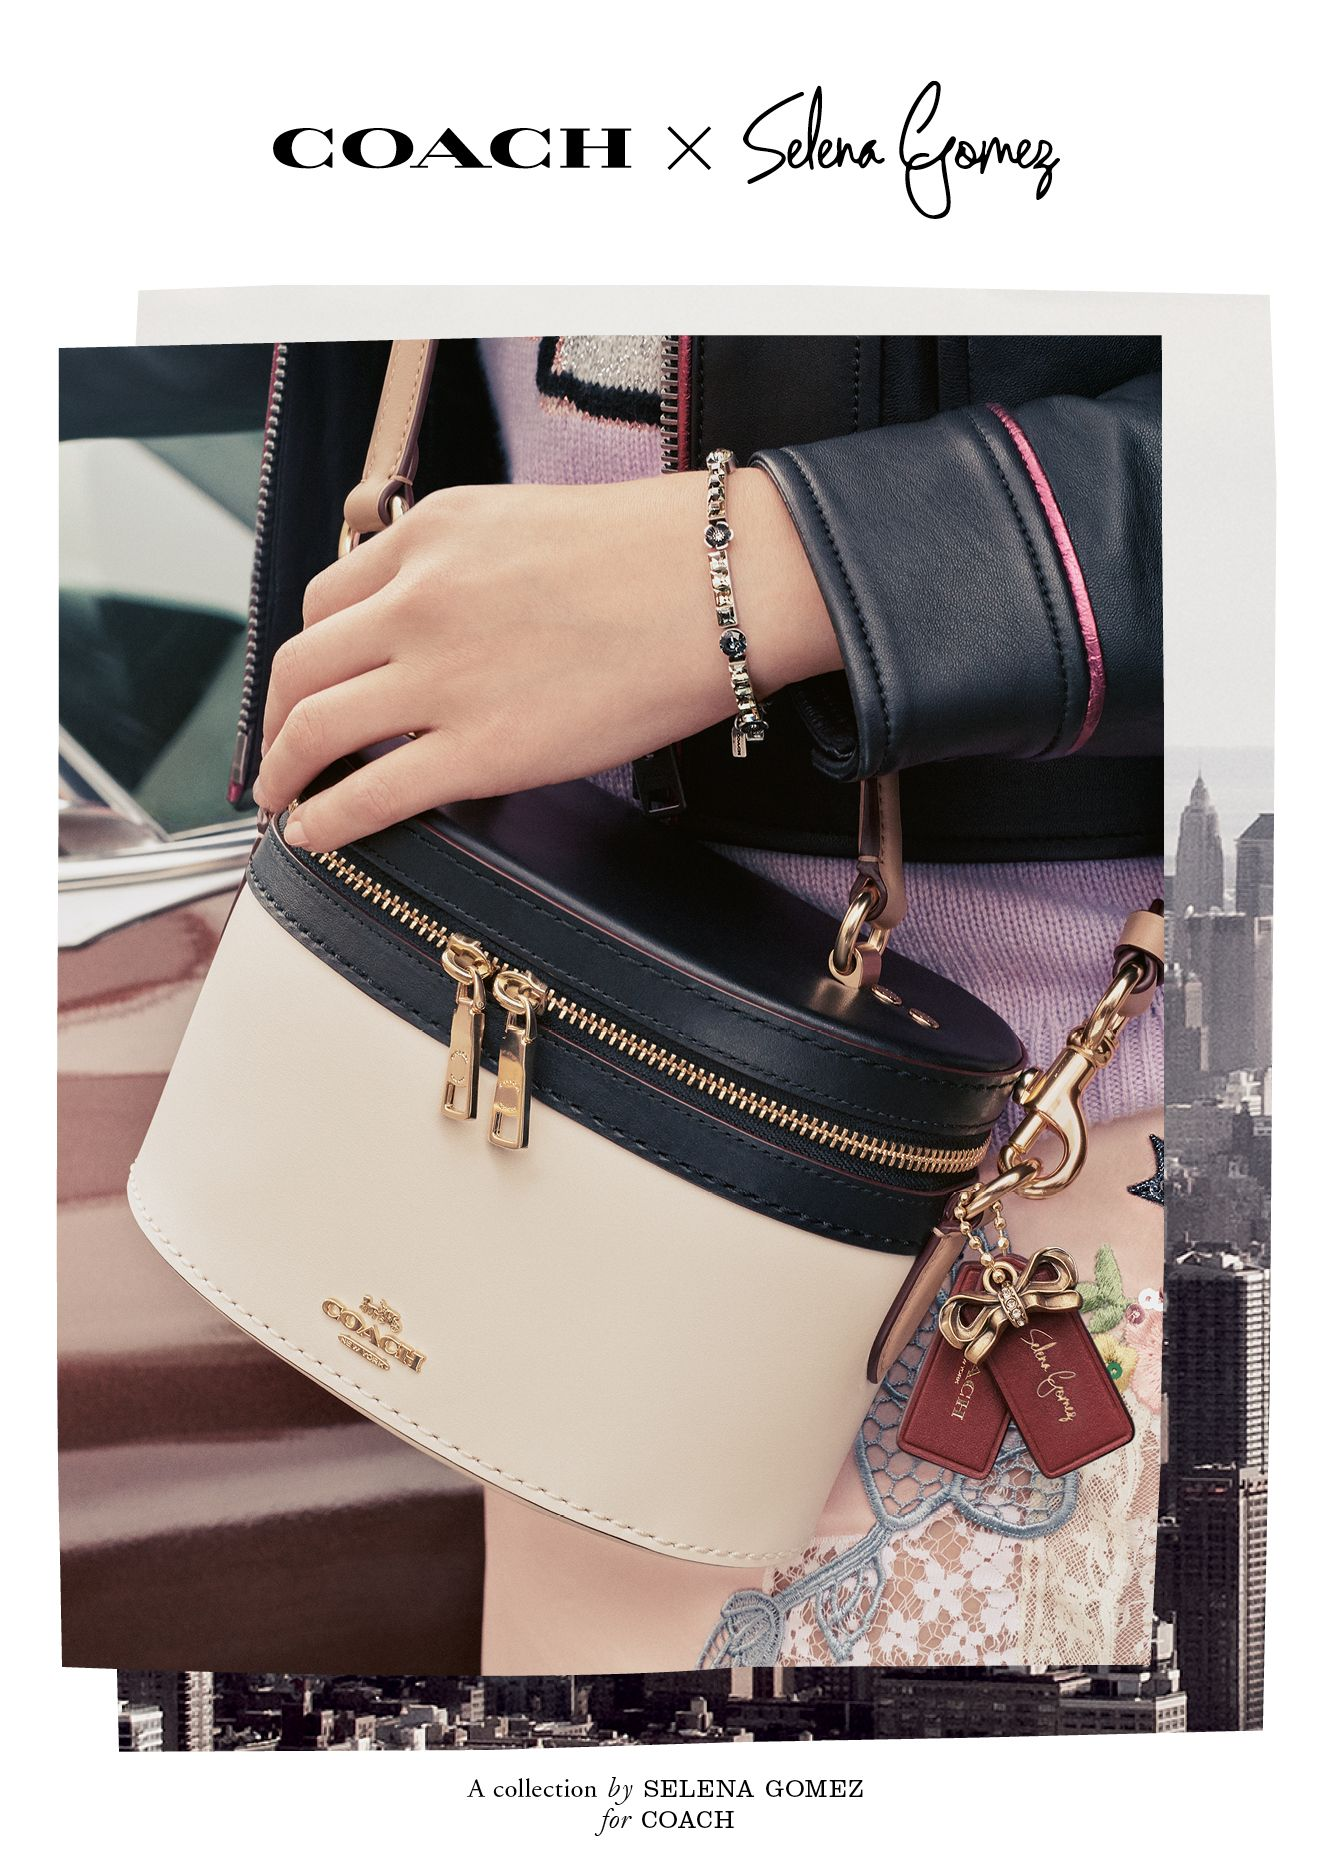 ffc9c6821449 #CoachxSelena a collection by Selena Gomez for Coach. Coach Bags, Coach  Handbags,